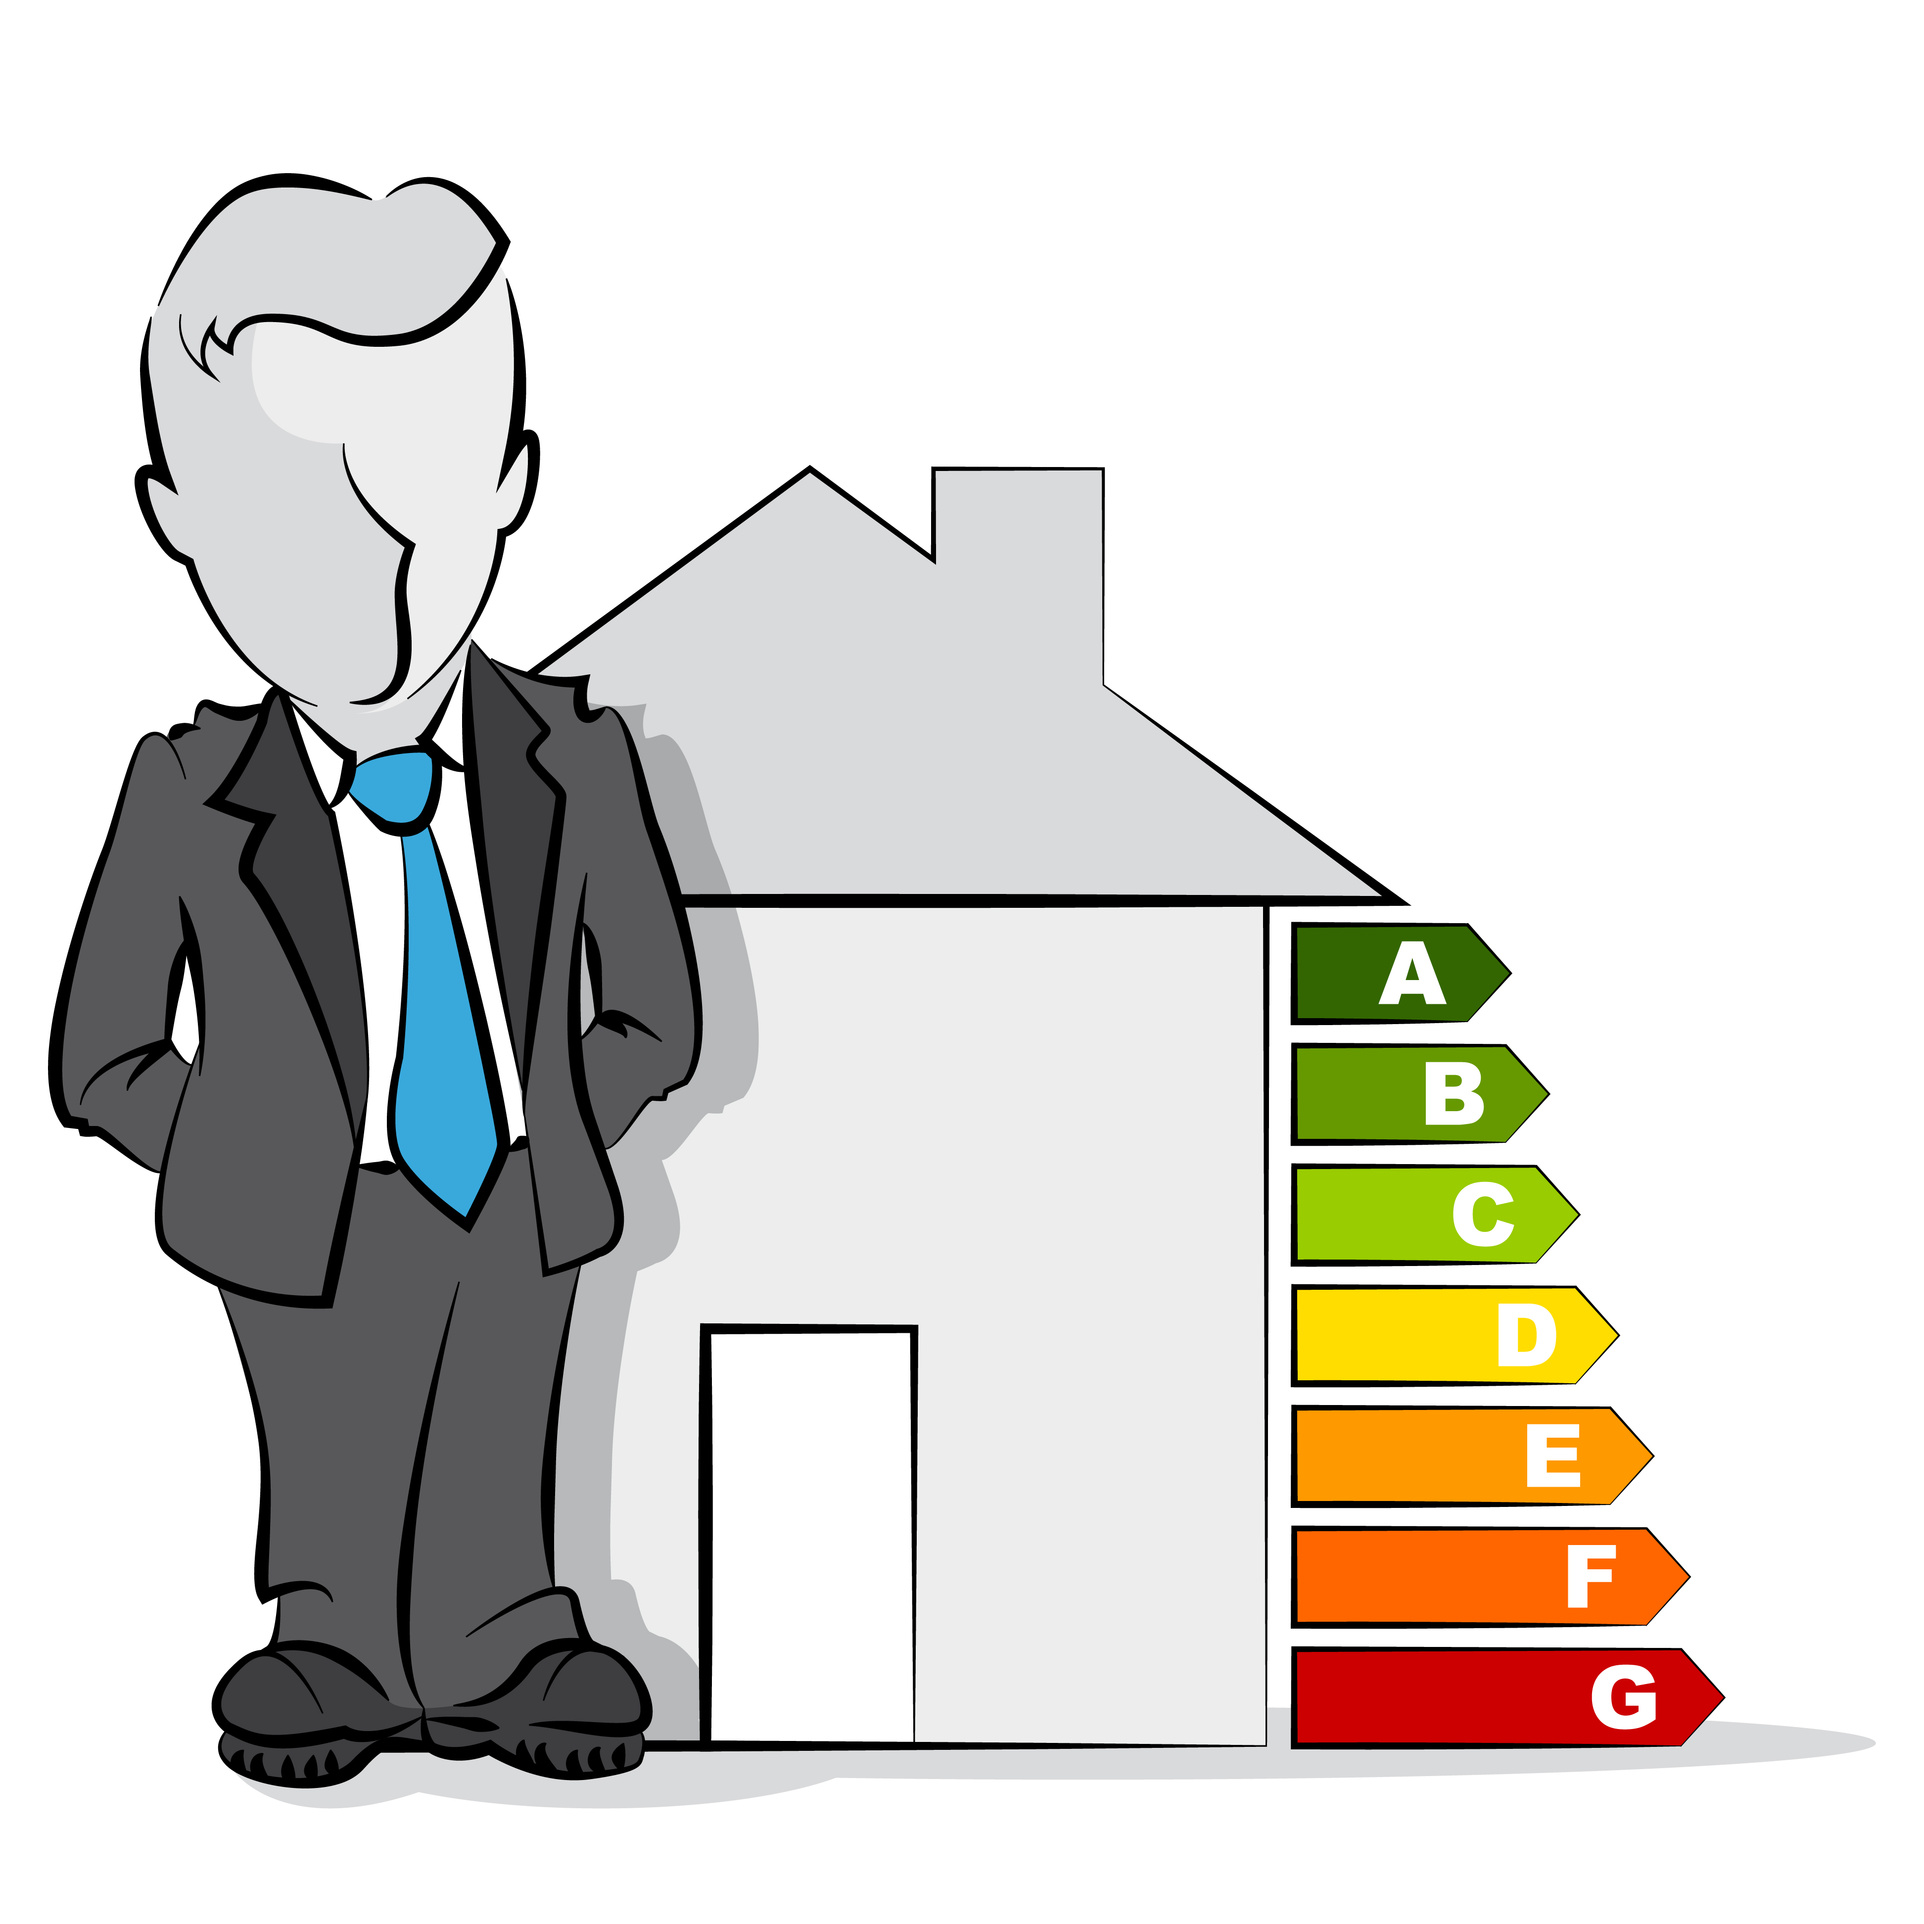 Attestato di prestazione energeticablog sim immobiliare novara for Donazione tasse